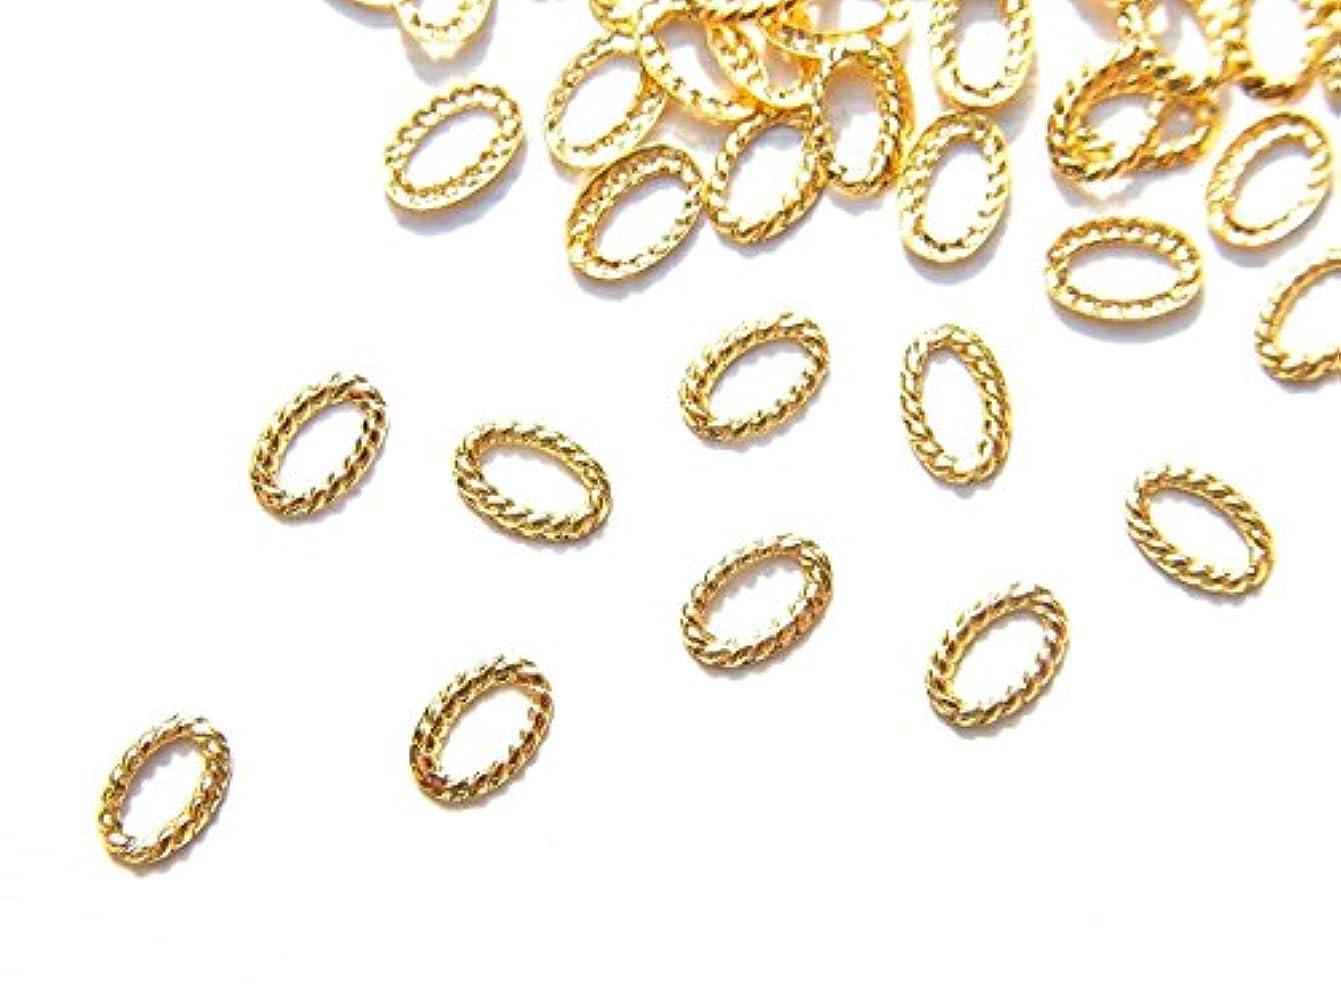 排他的ペストリー交換【jewel】ug19 薄型ゴールド メタルパーツ オーバル型ツイストリング 長円 10個入り ネイルアートパーツ レジンパーツ